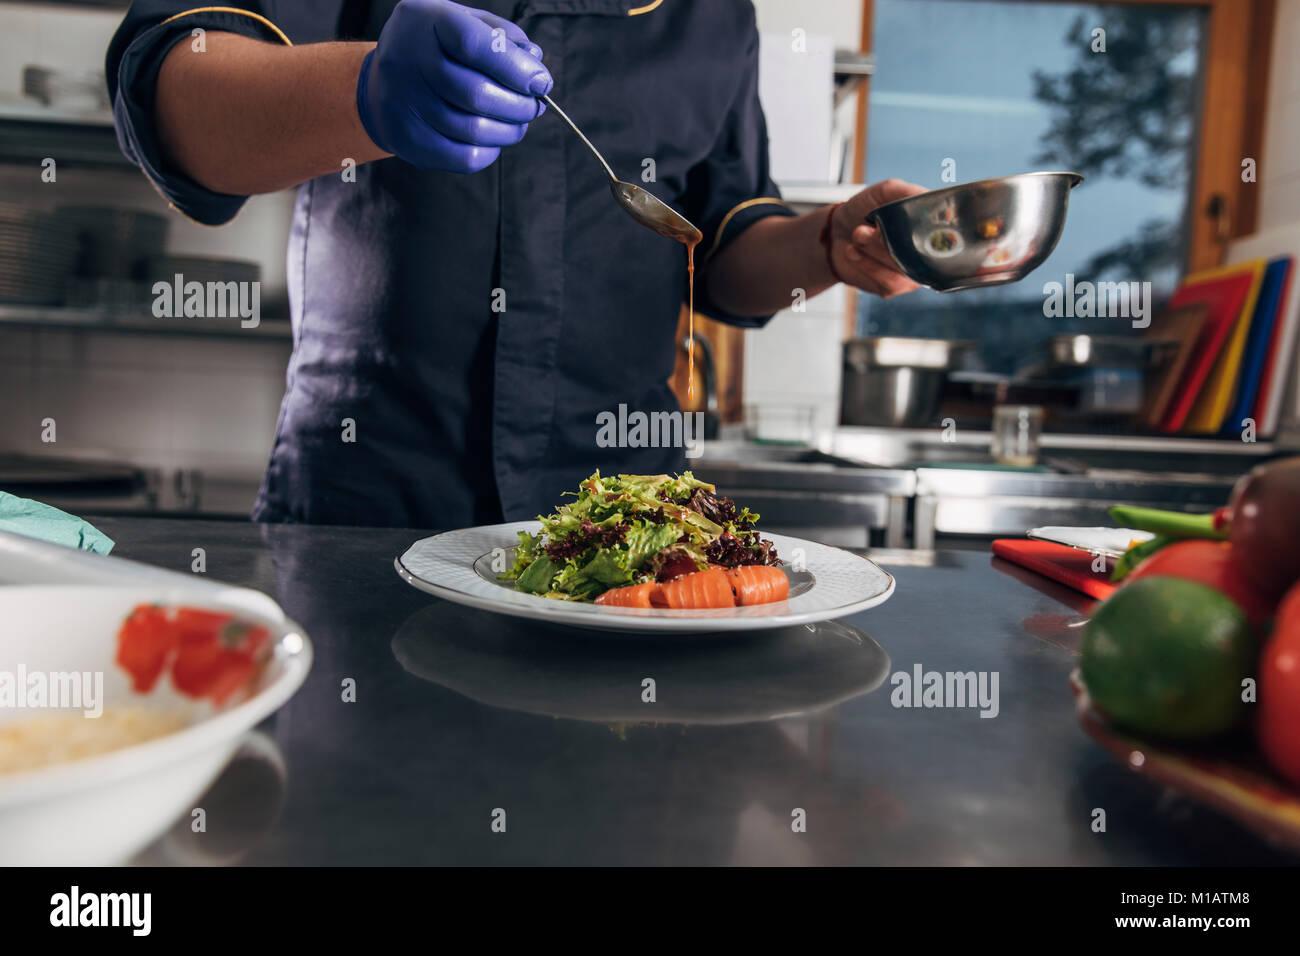 Captura recortada del chef verter la salsa sobre la ensalada Imagen De Stock